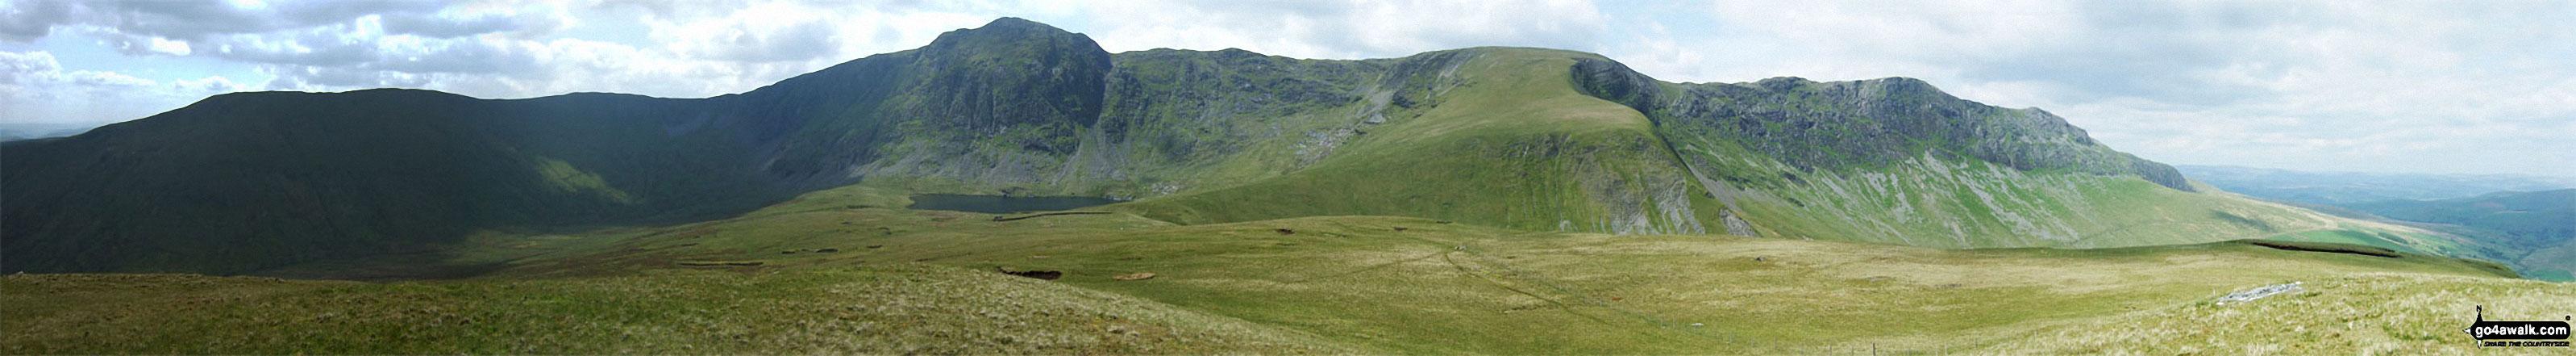 The Aran Fawddwy Ridge - Drysgol (left) Drws Bach, Aran Fawddwy, Erw y Ddafad-ddu & Aran Benllyn from Foel Hafod-fynydd